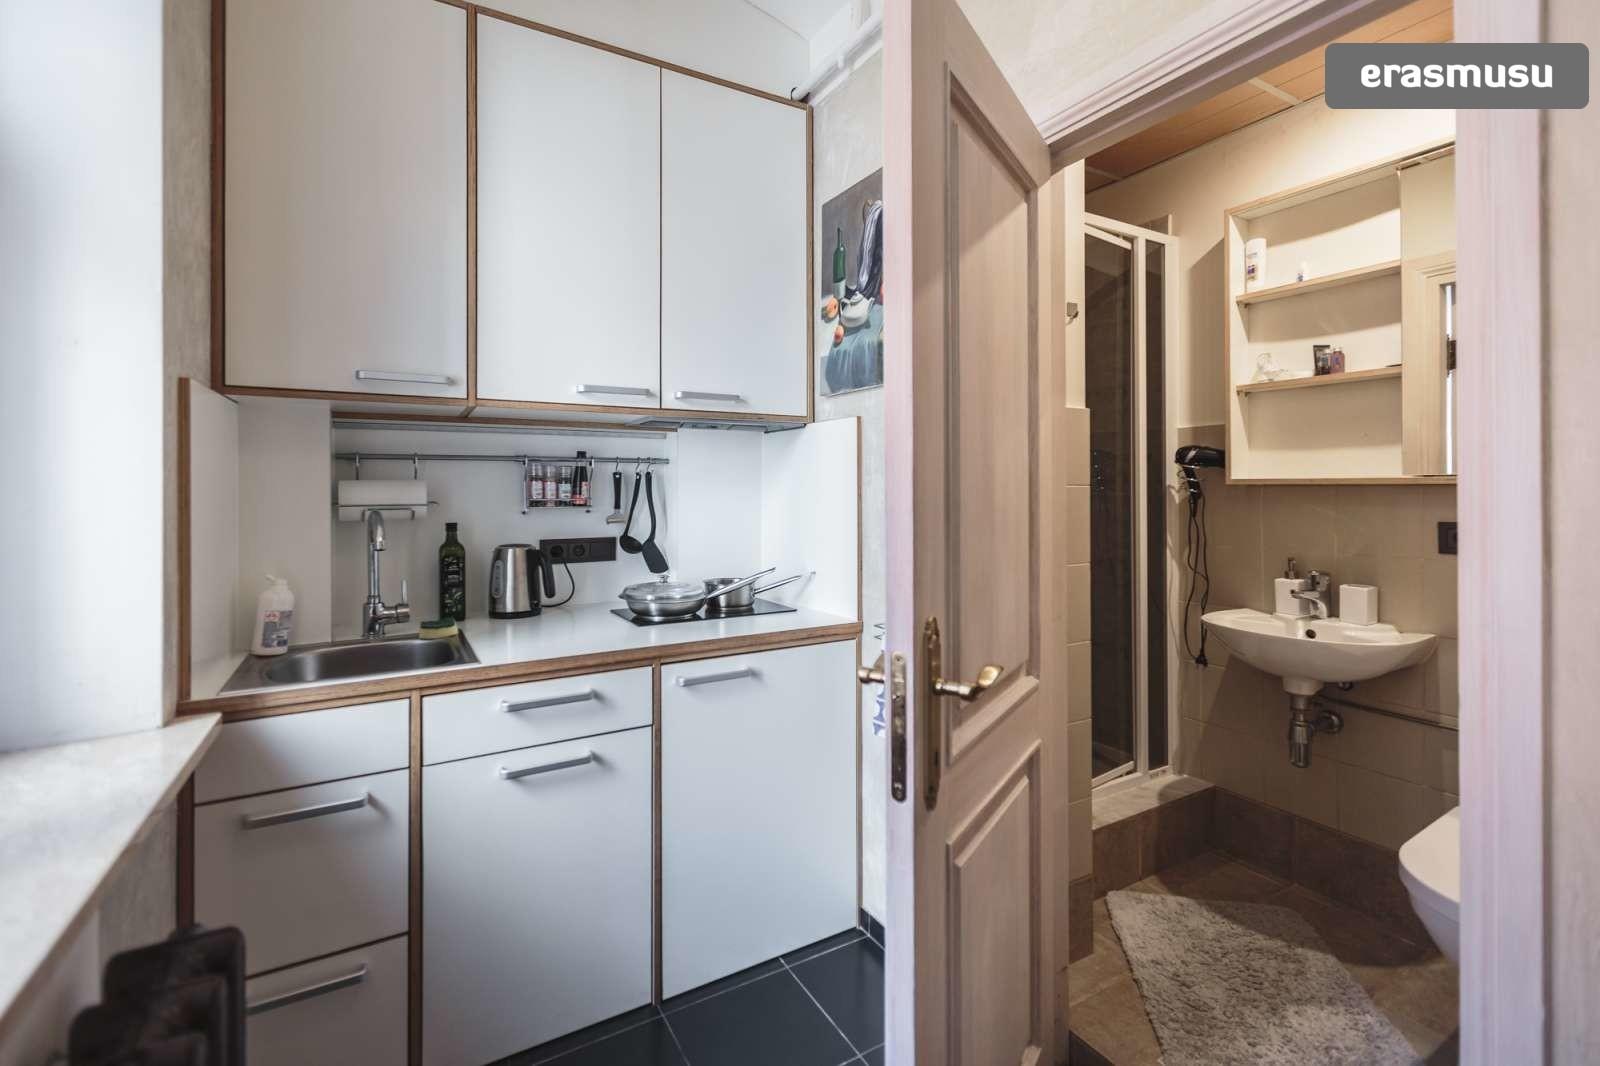 stylish-studio-apartment-rent-vecriga-ccd843882f8b4ae354da87f948